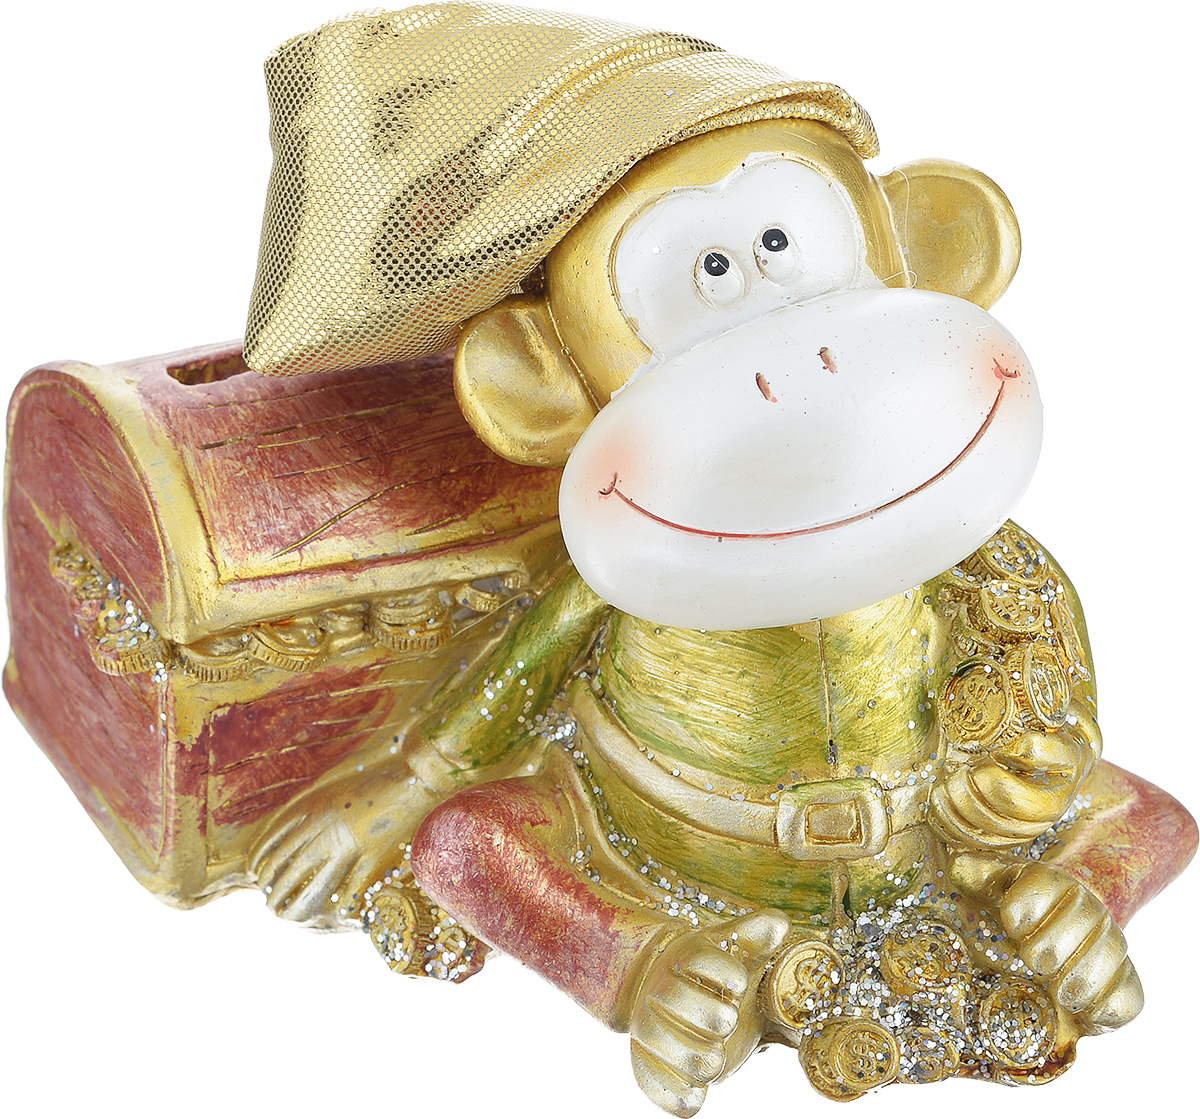 """Декоративная копилка Sima-land """"Обезьянка с сундуком"""", изготовленная из  высококачественного полистоуна, выполнена в виде обезьяны в текстильном колпаке и украшена блестками.  Изделие оснащено отверстием для монет и резиновым клапаном, через который можно достать  деньги. Яркий оригинальный дизайн сделает такую копилку прекрасным подарком. Она послужит не  только по своему прямому назначению, но и красиво дополнит интерьер комнаты."""